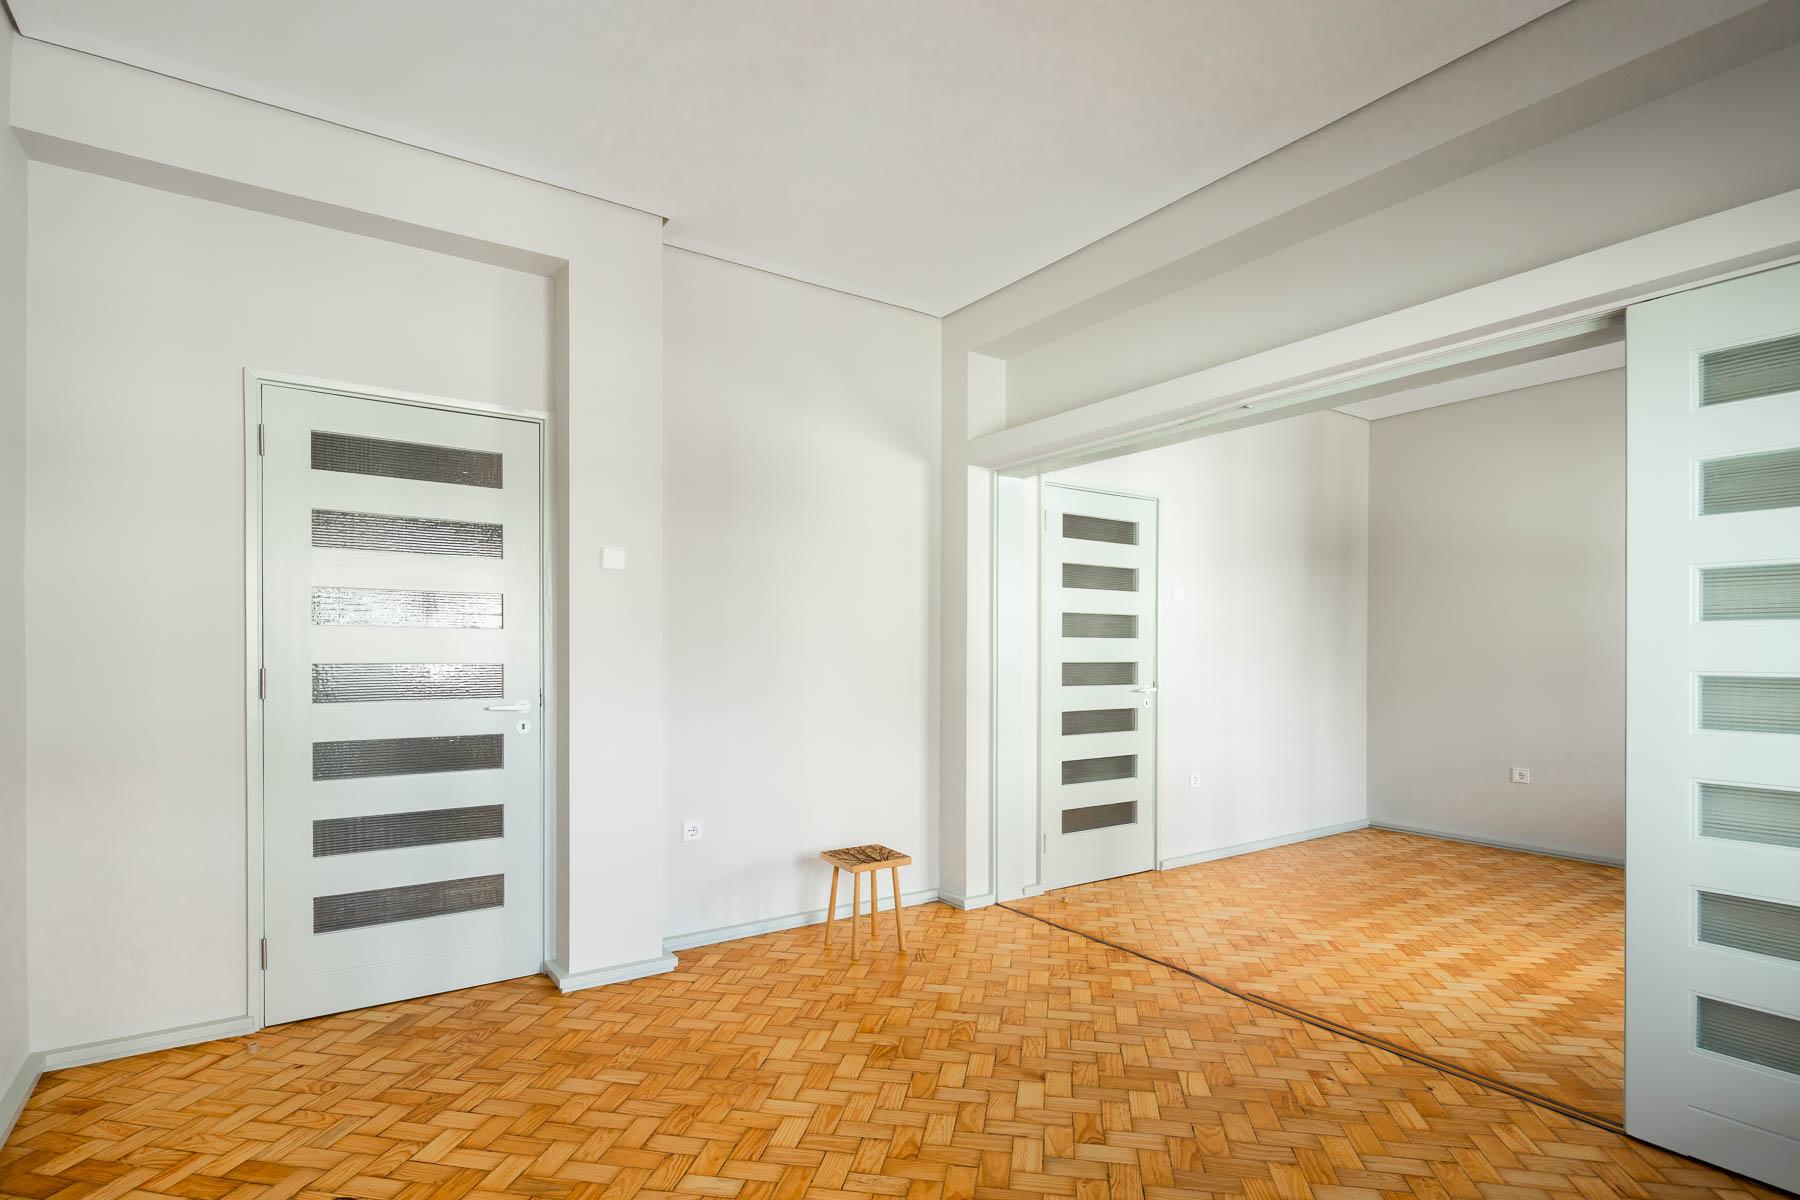 Renovação apartamento da Constituição no Porto do atelier Impare arquitectura com projecto original Arménio Losa e Cassiano Barbosa, a fotografia é de Ivo Tavares Studio